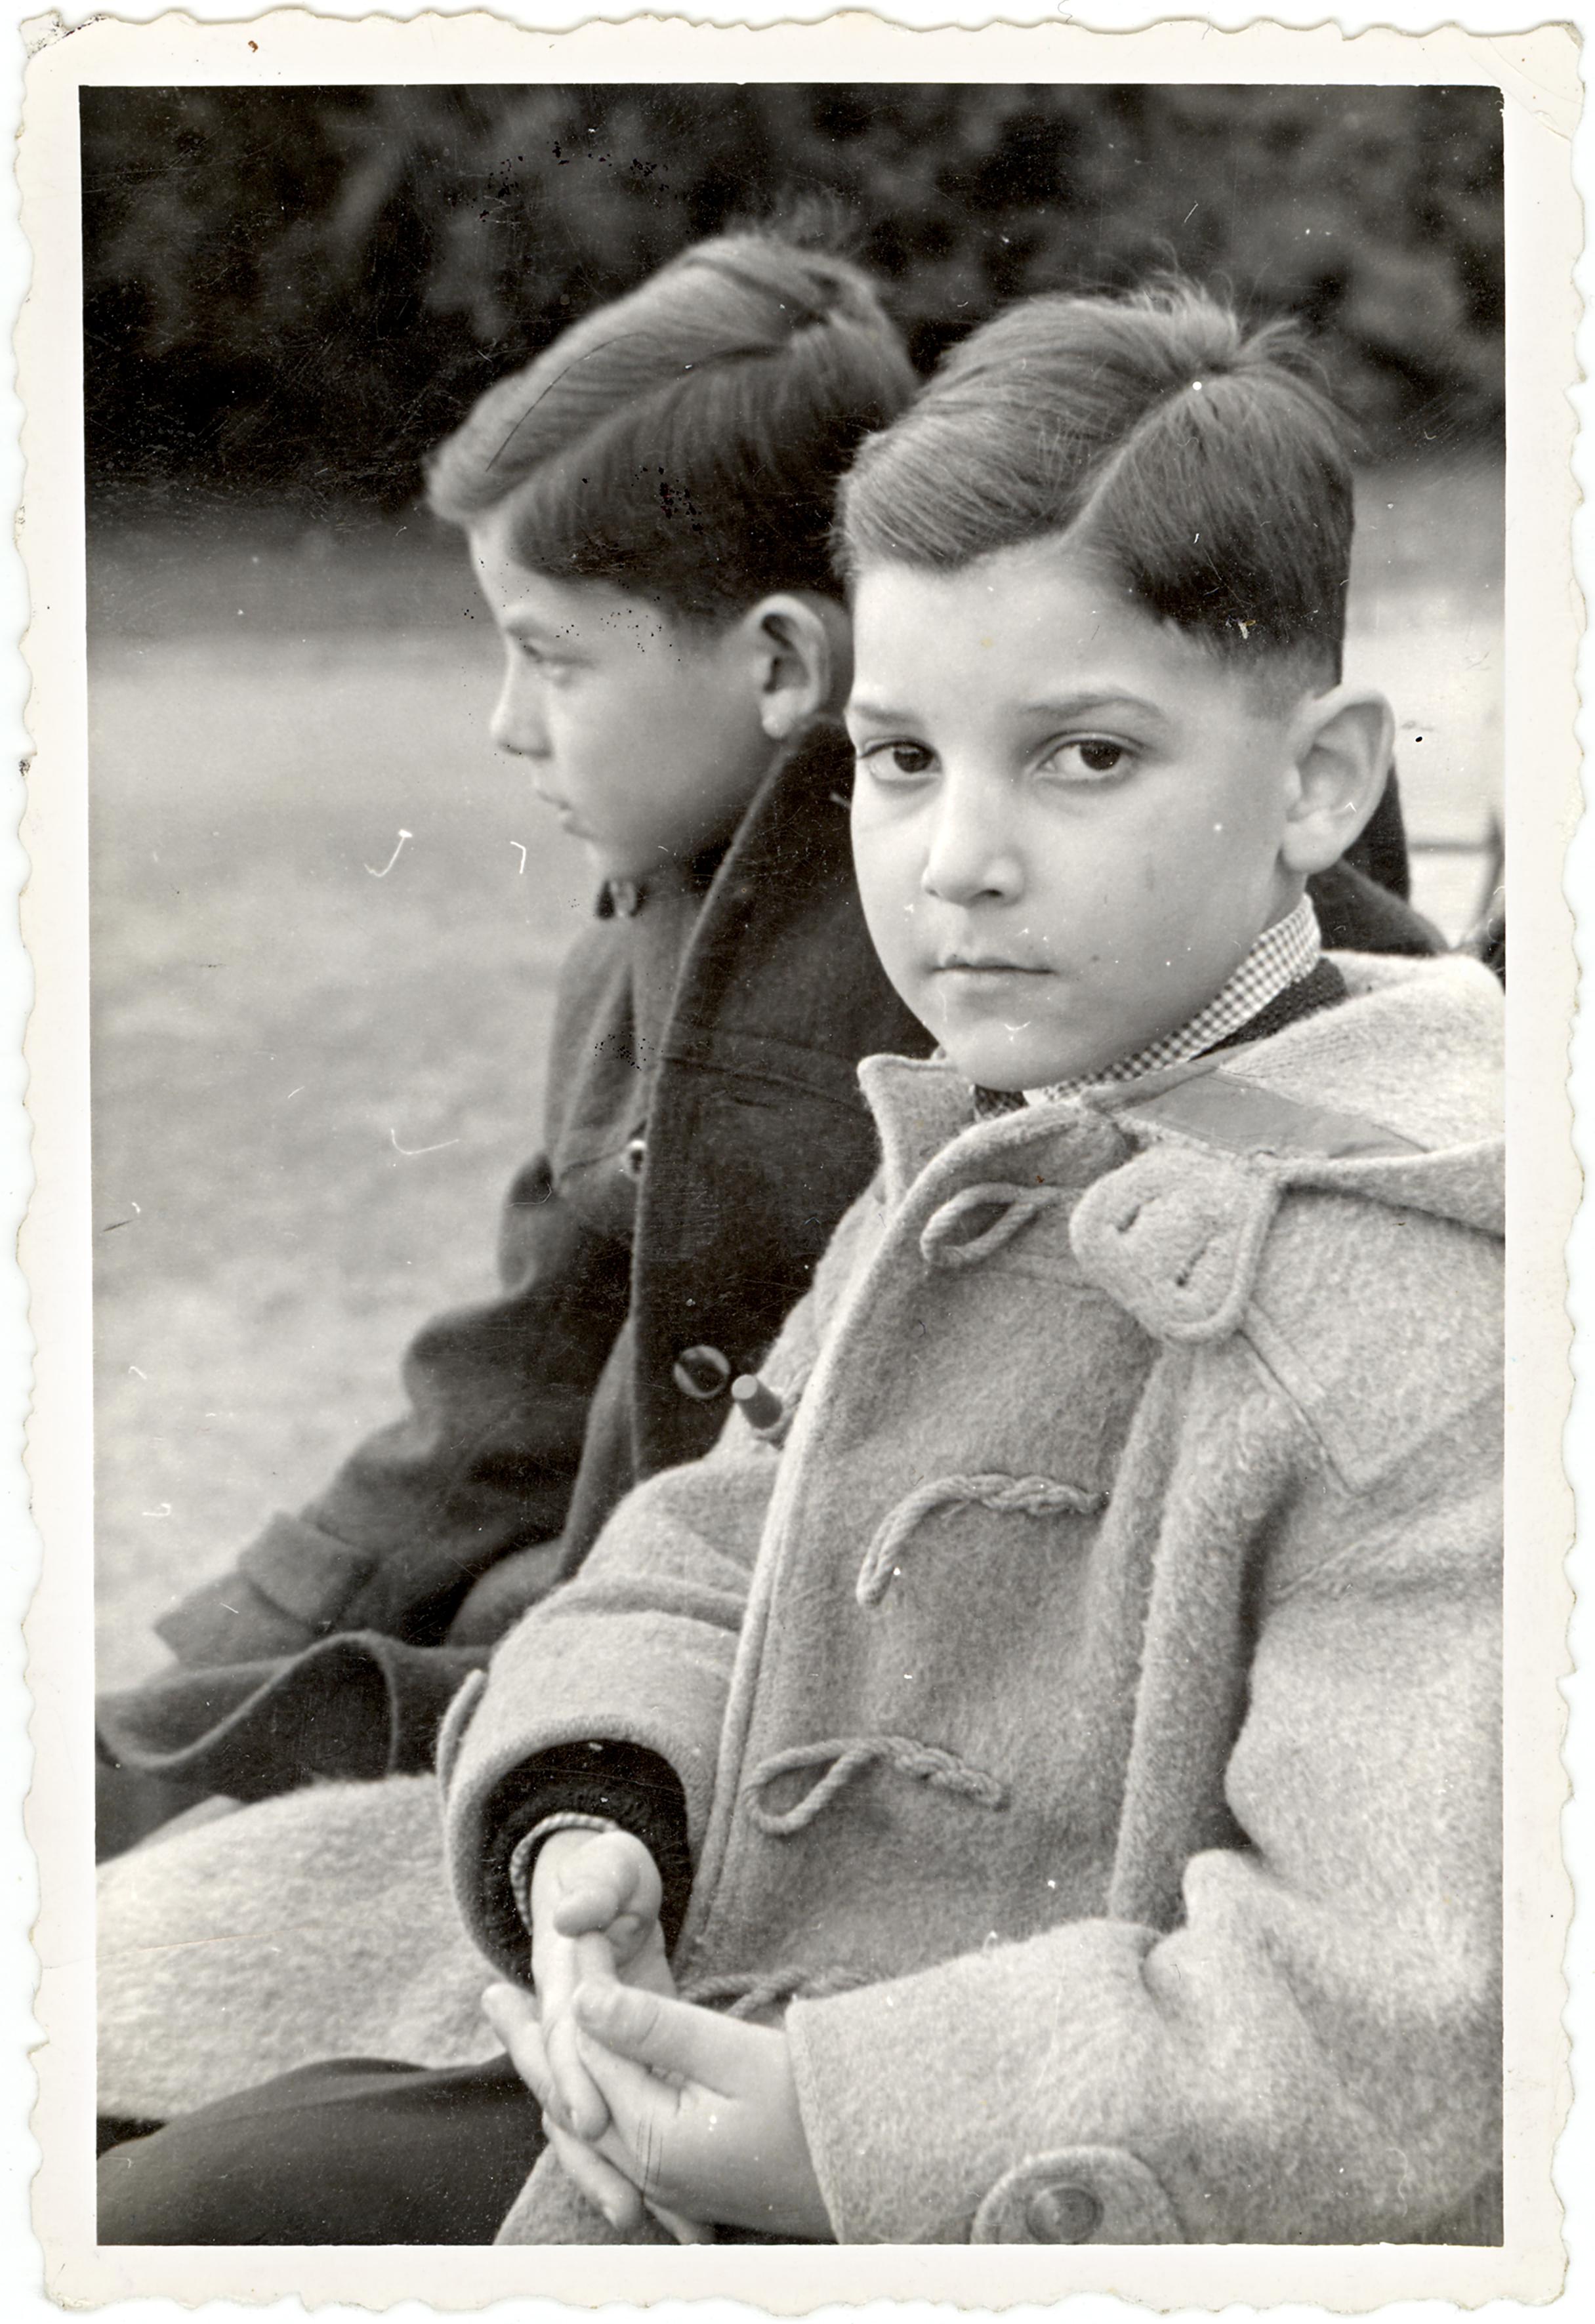 George és Peter Serebrenik